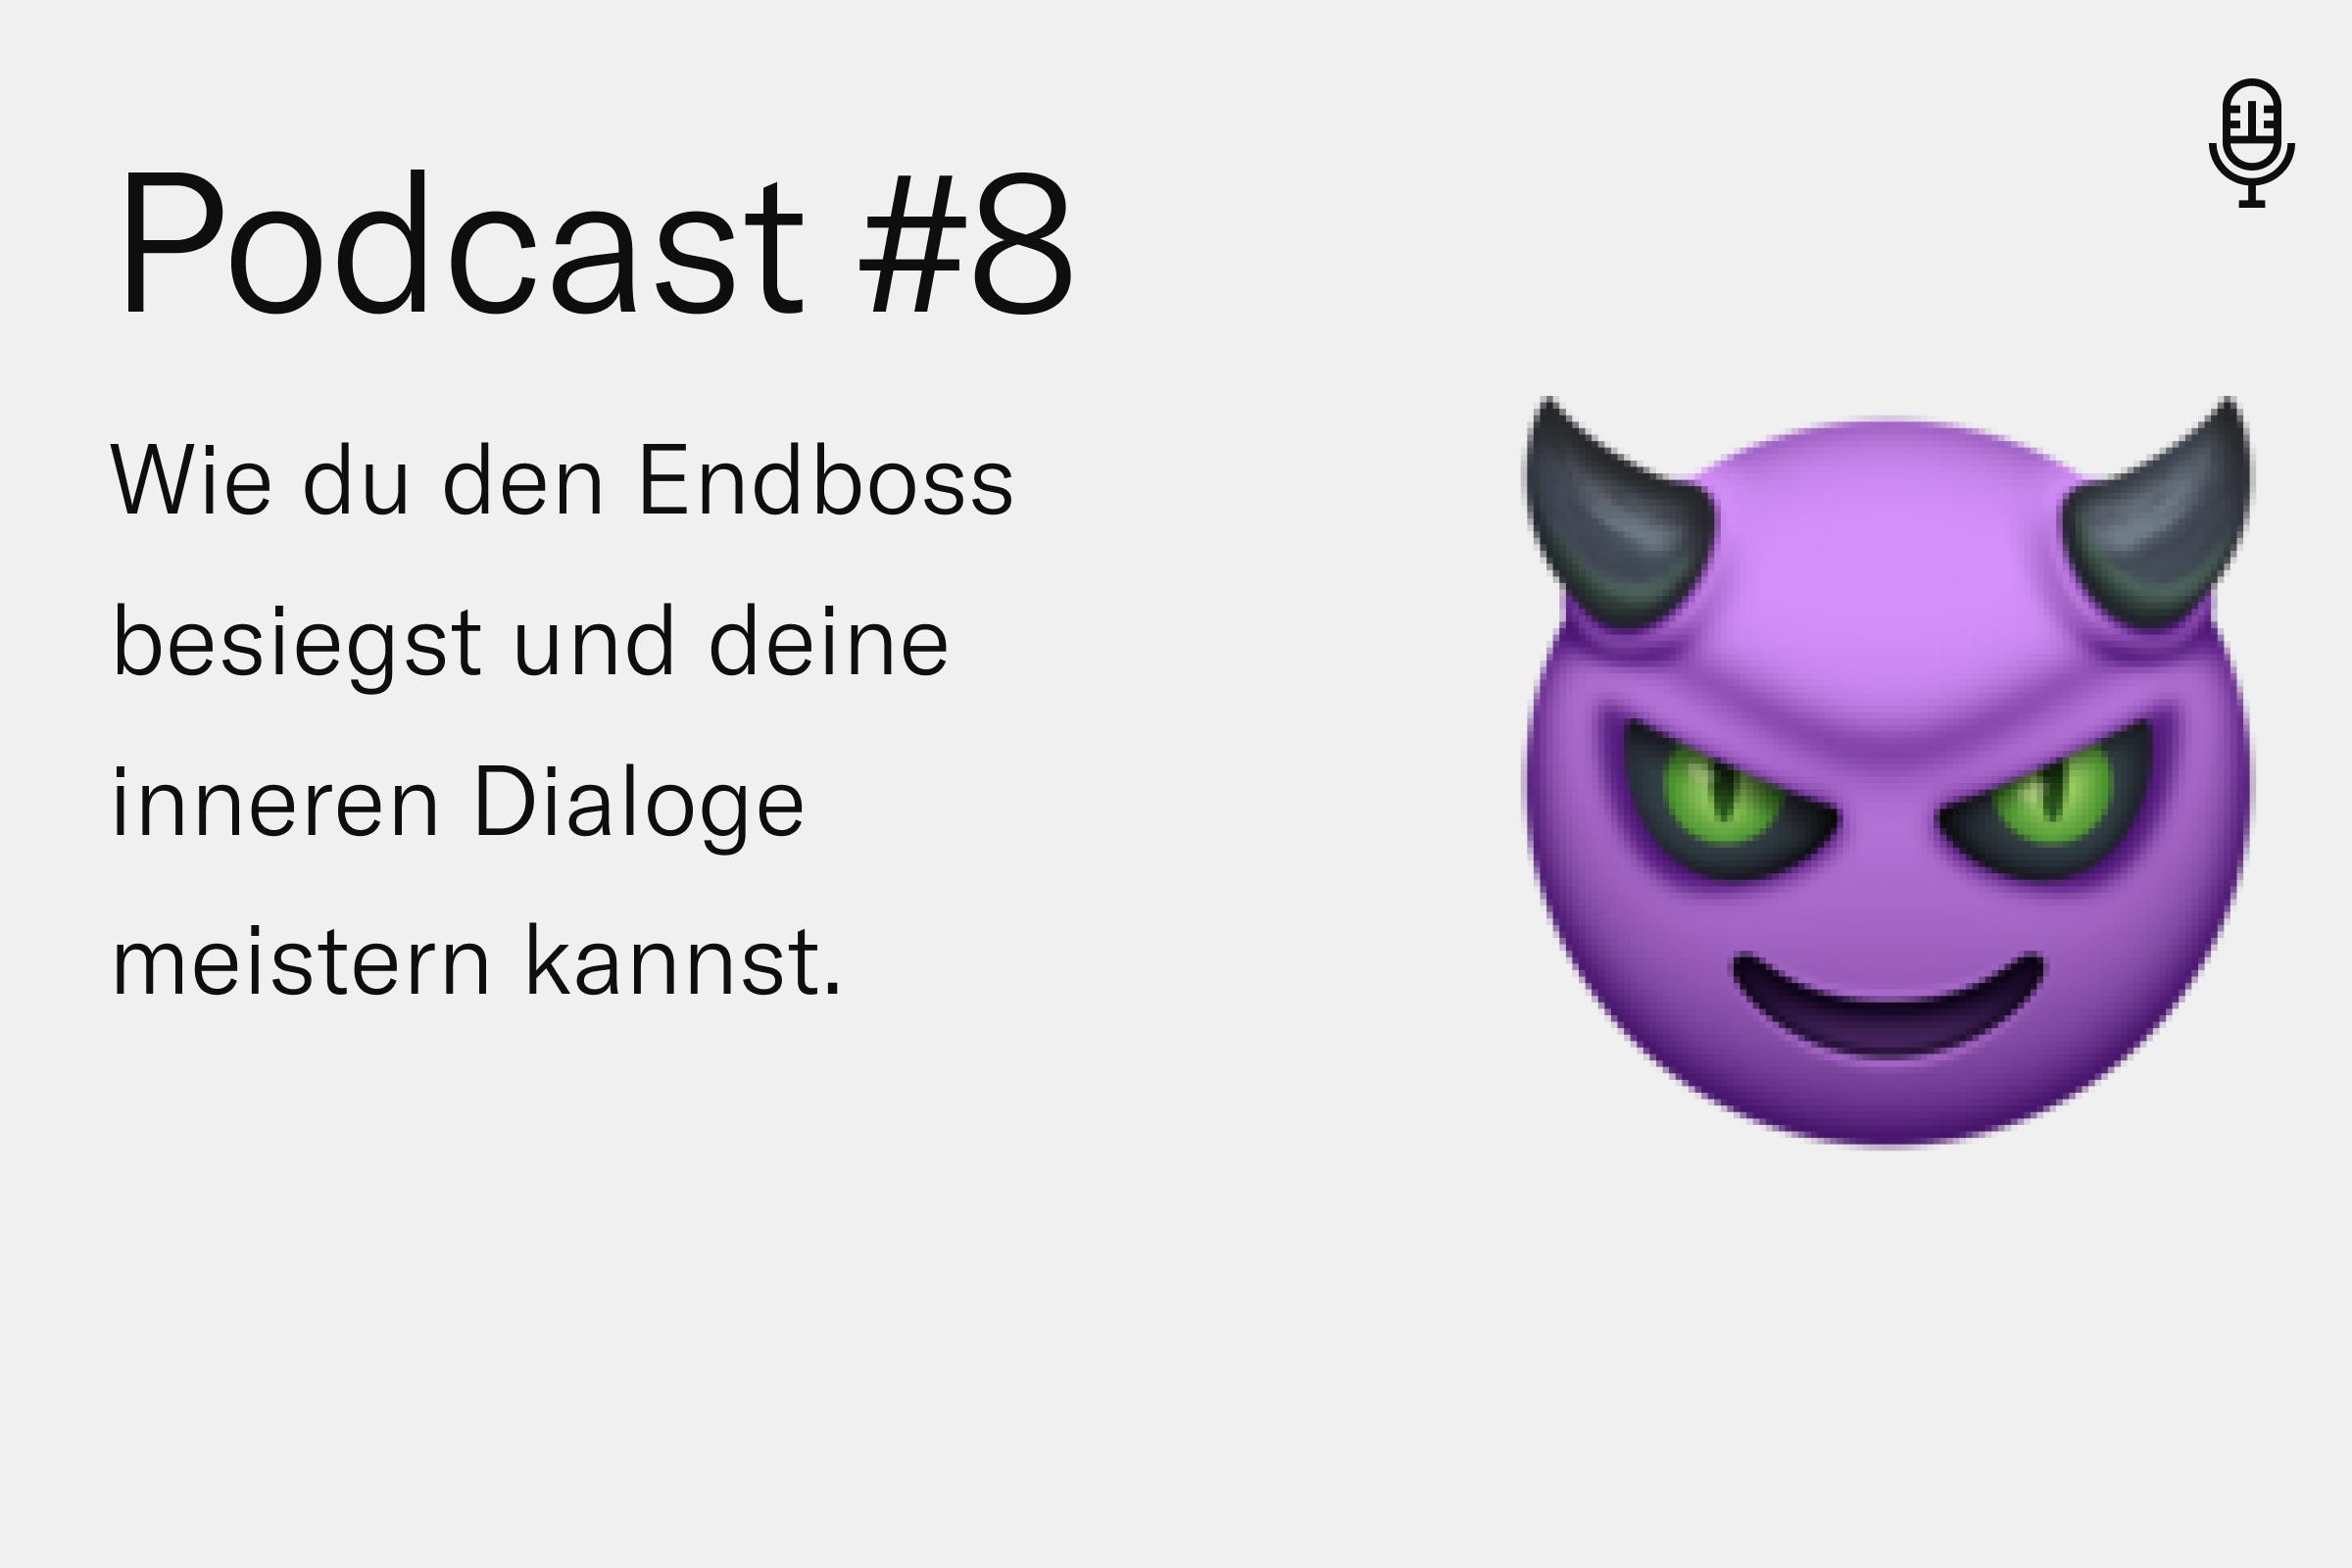 Podcast #8 – Wie du den Endboss besiegst